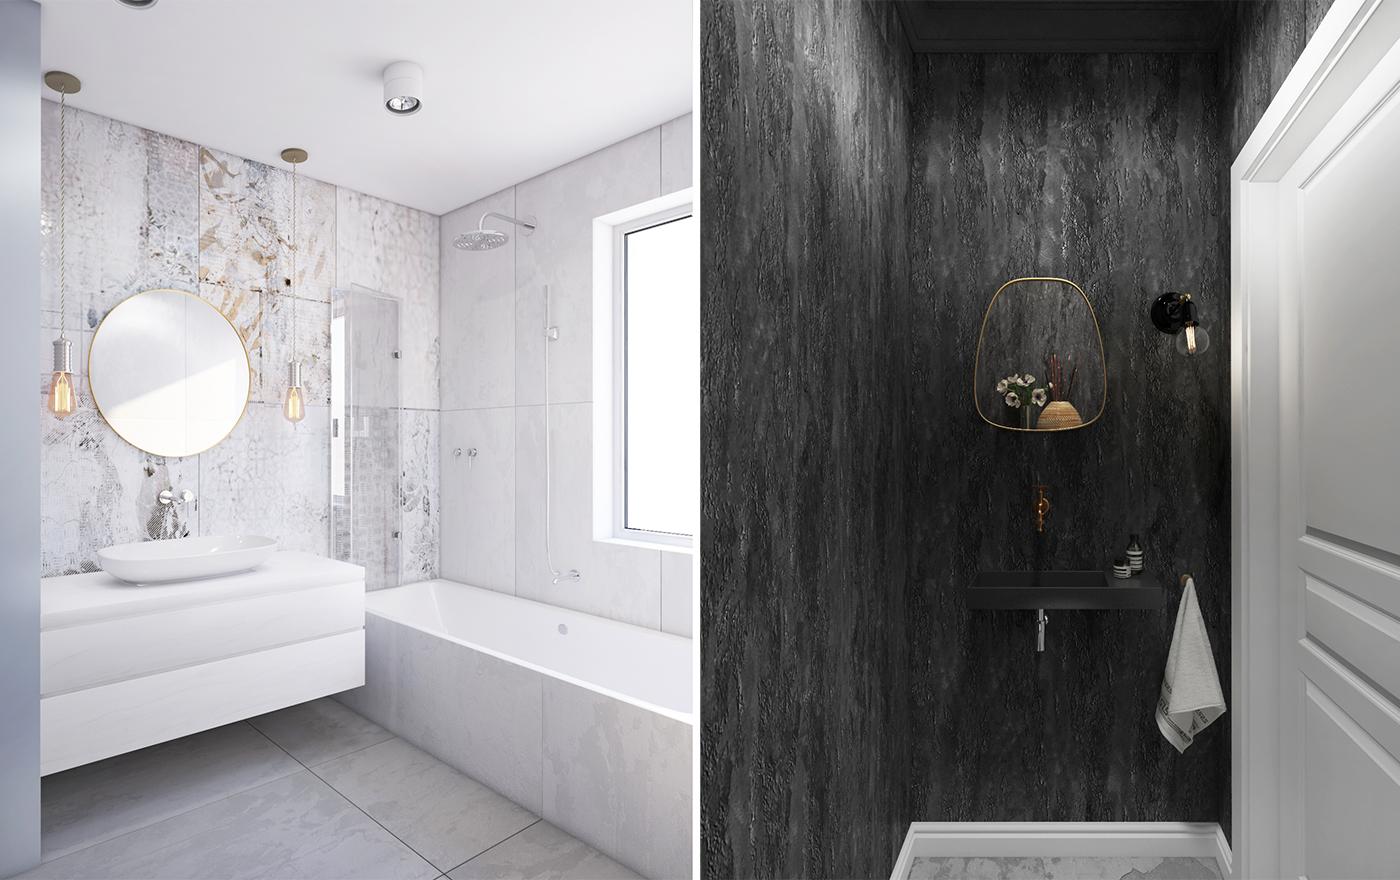 biała łazienka z wanną i czarna toaleta bez płytek